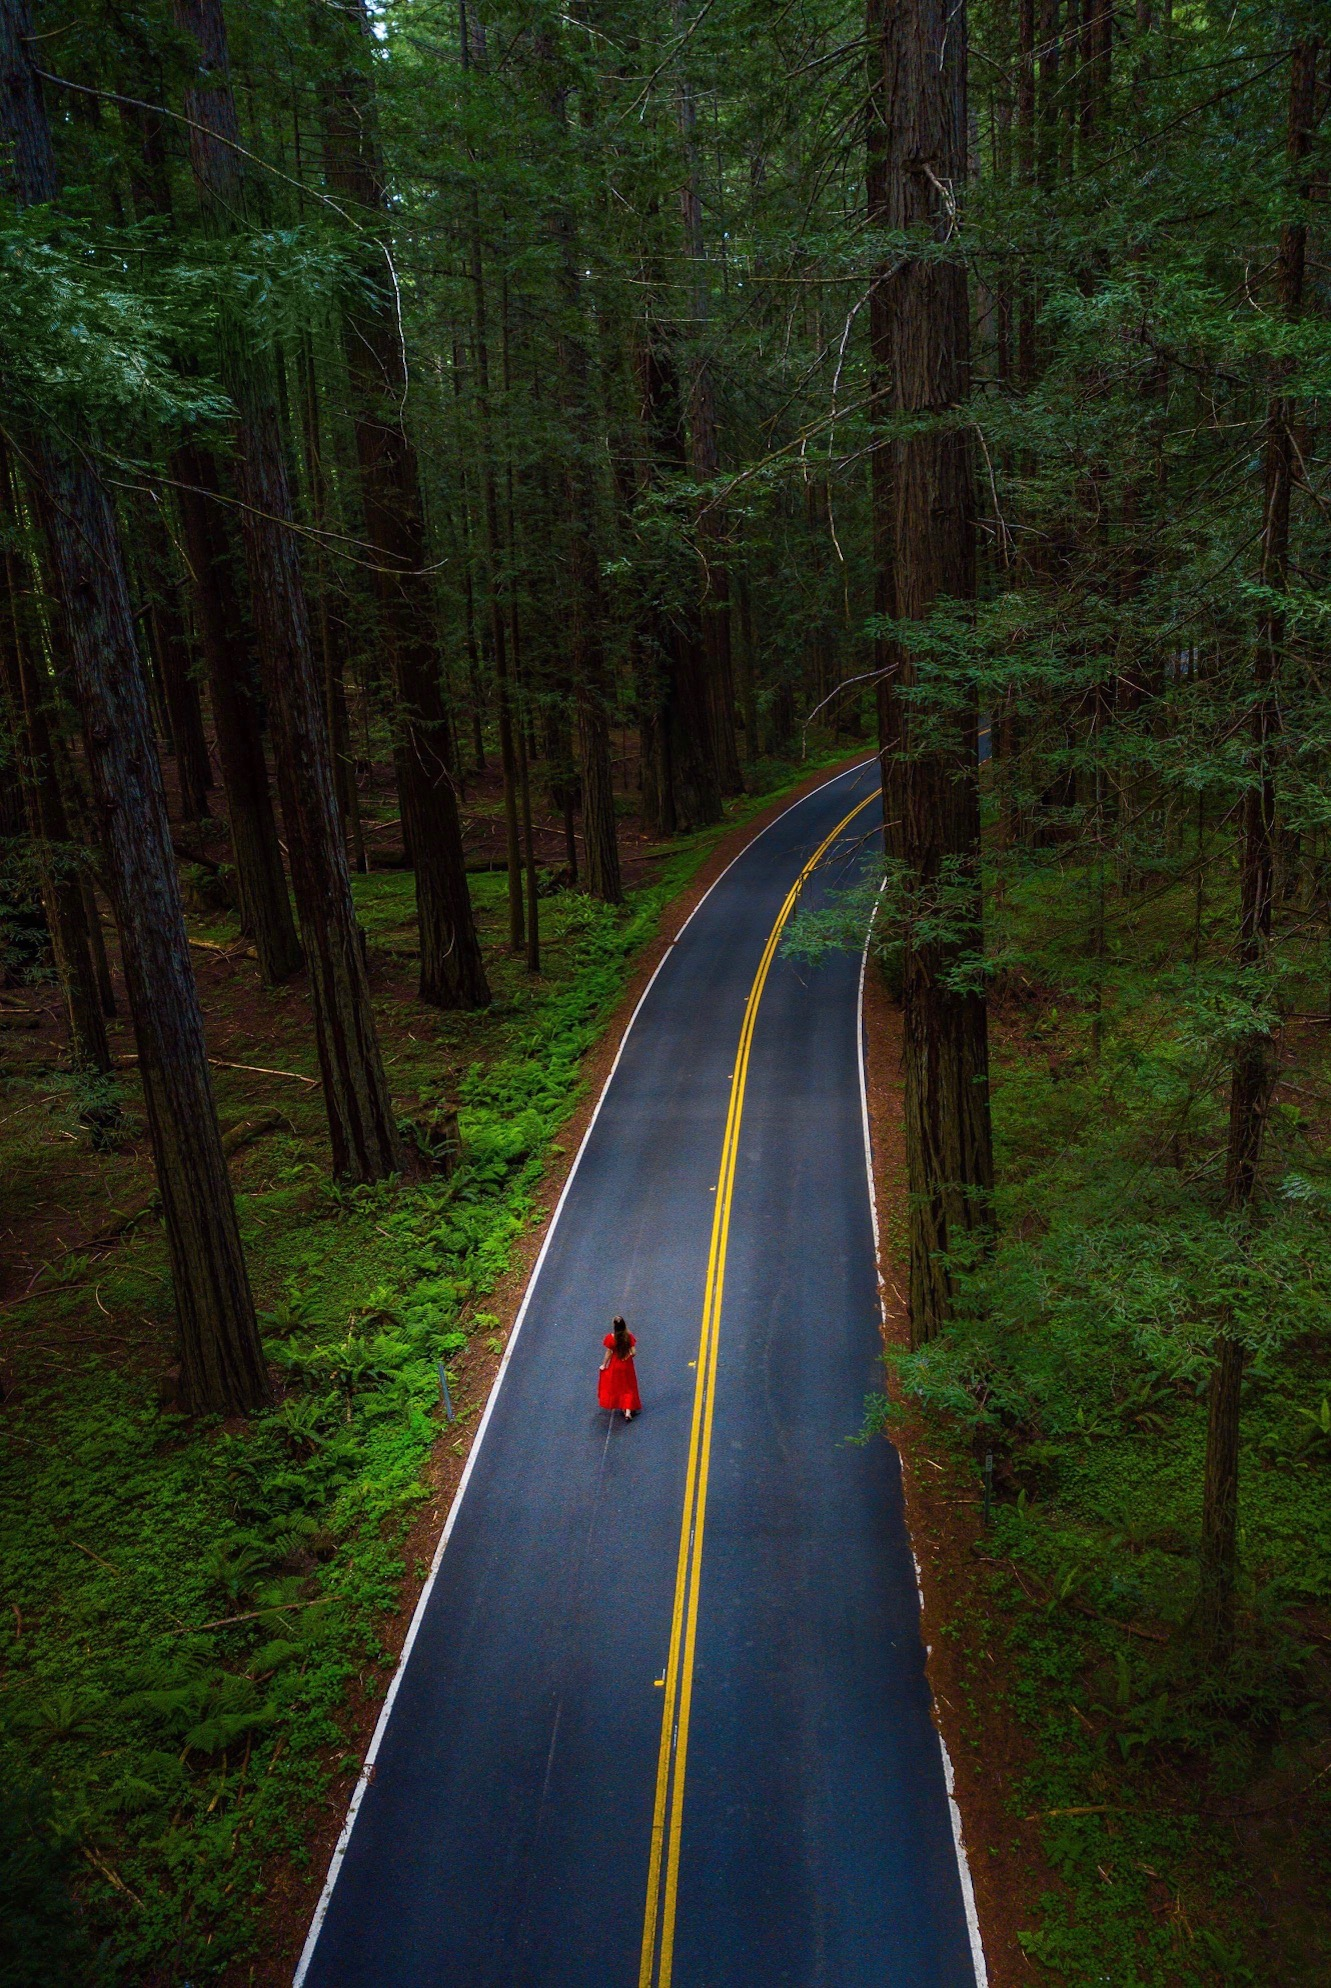 woman walking on road between trees